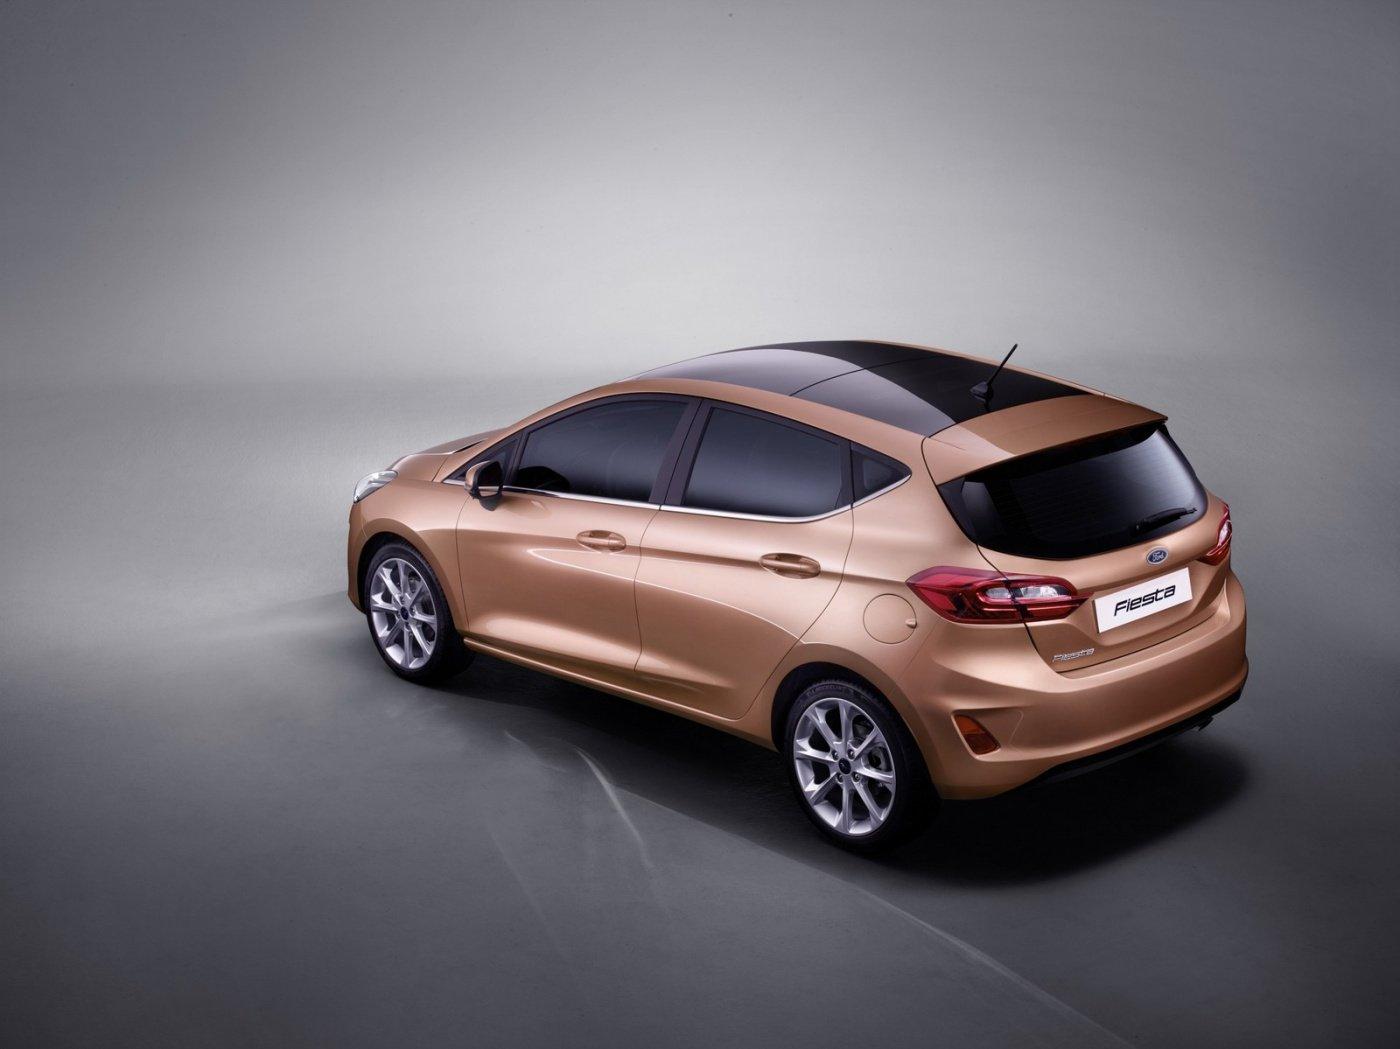 Ford va tester ses voitures autonomes en Europe, et annonce de nouvelles Mustang